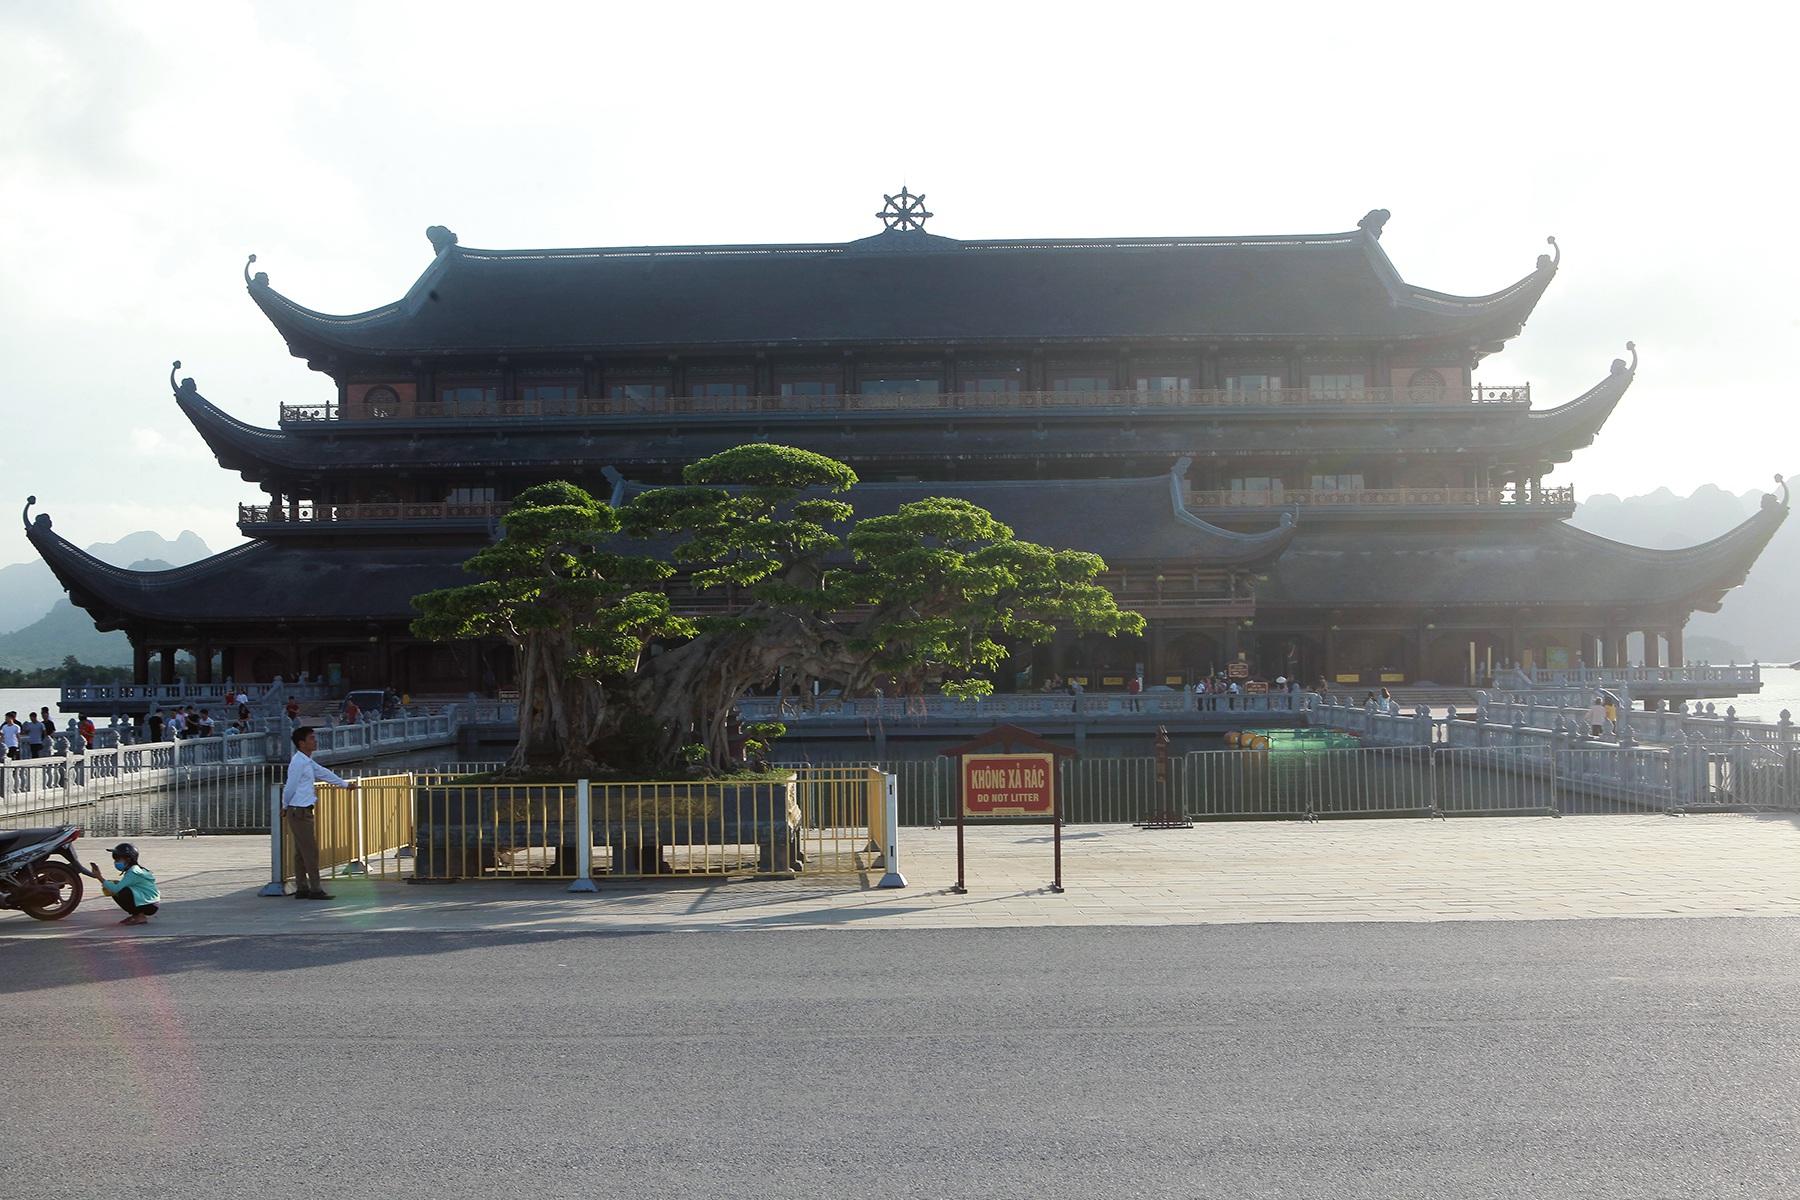 Cây sanh khủng thế nào khiến ông chủ ngôi chùa lớn nhất thế giới mê mẩn? - 1